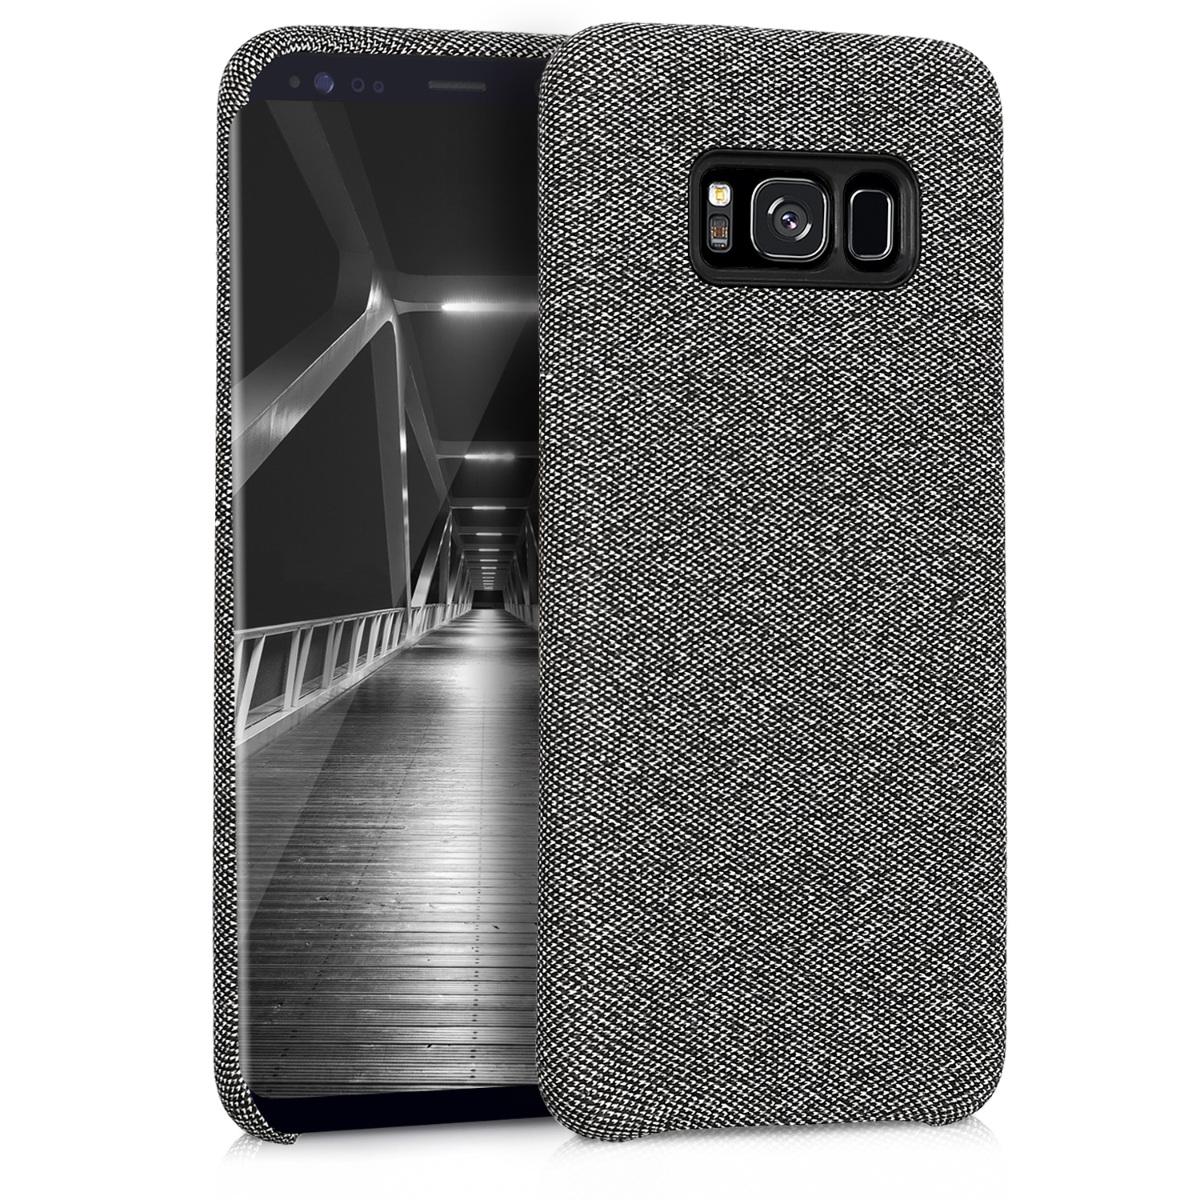 Textilní látkové pouzdro | obal pro Samsung Galaxy S8